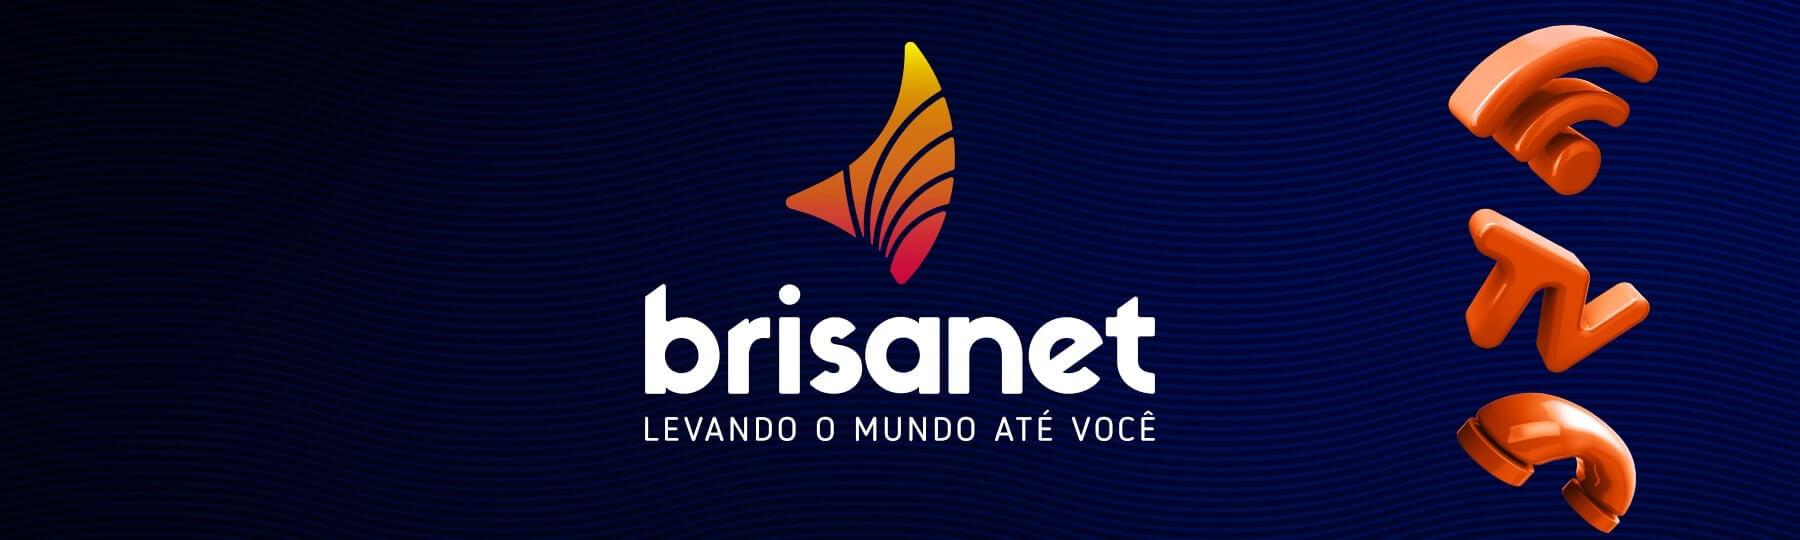 www.brisanet.com.br